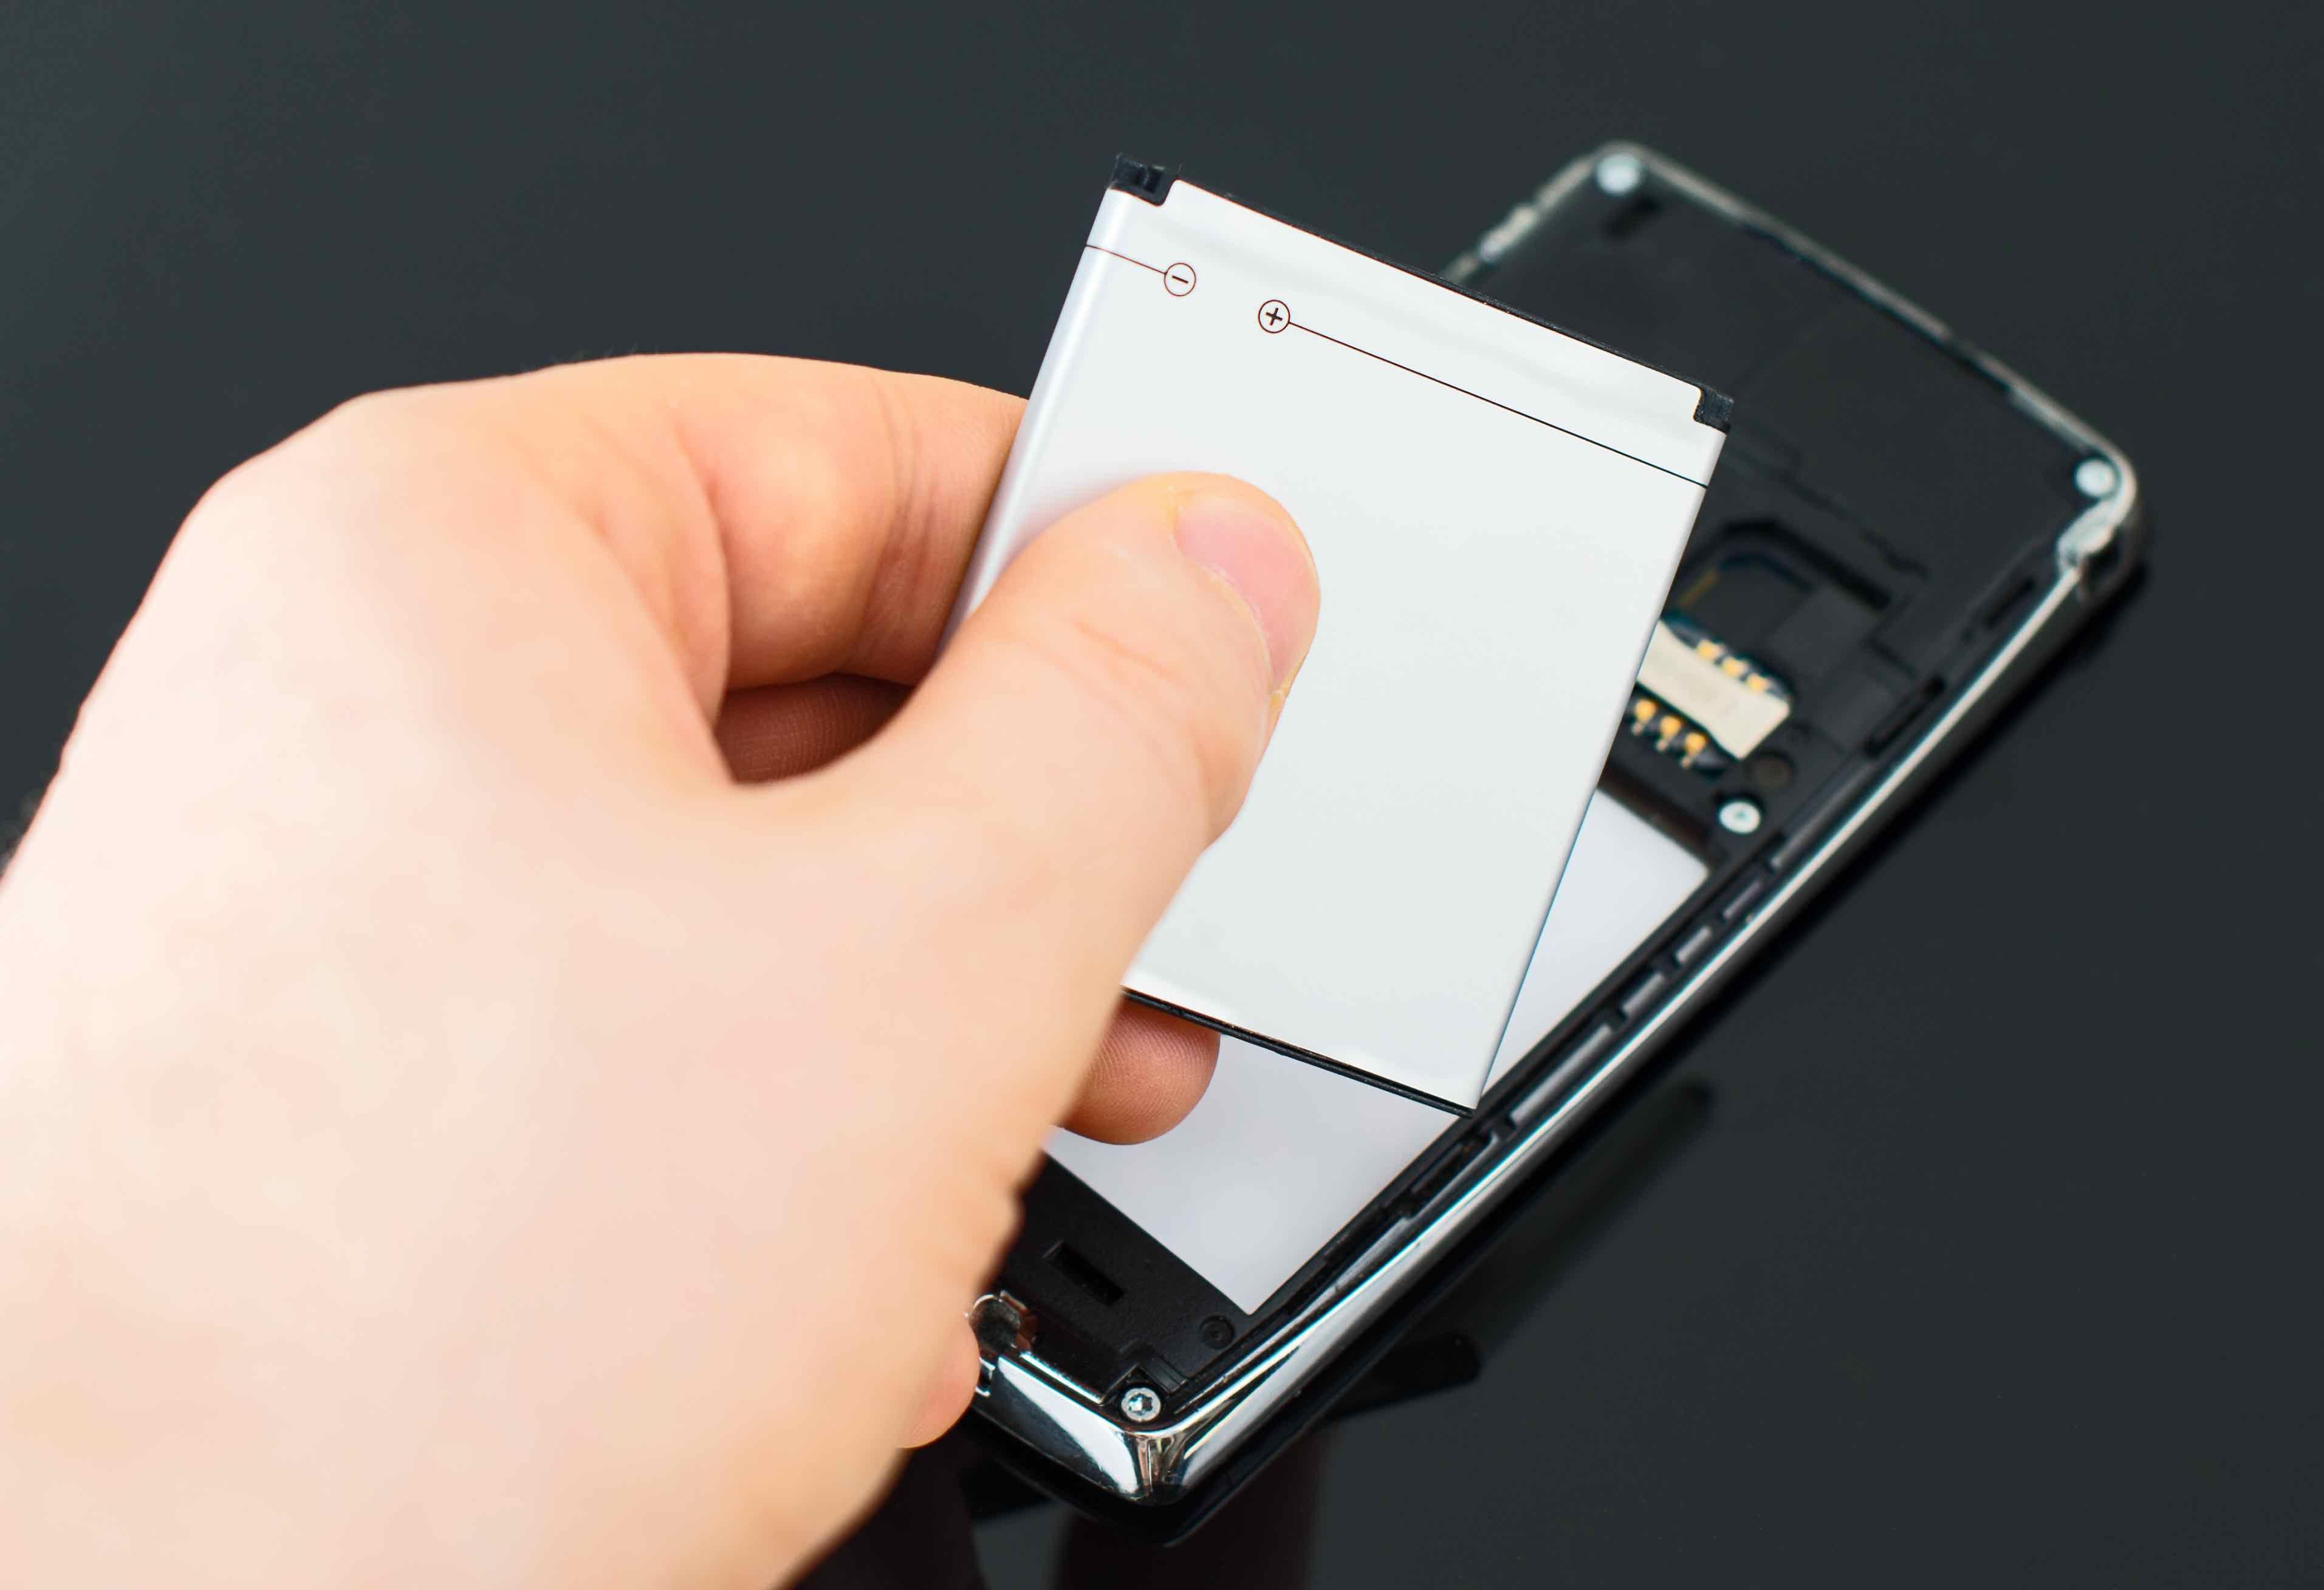 リチウム電池の画像